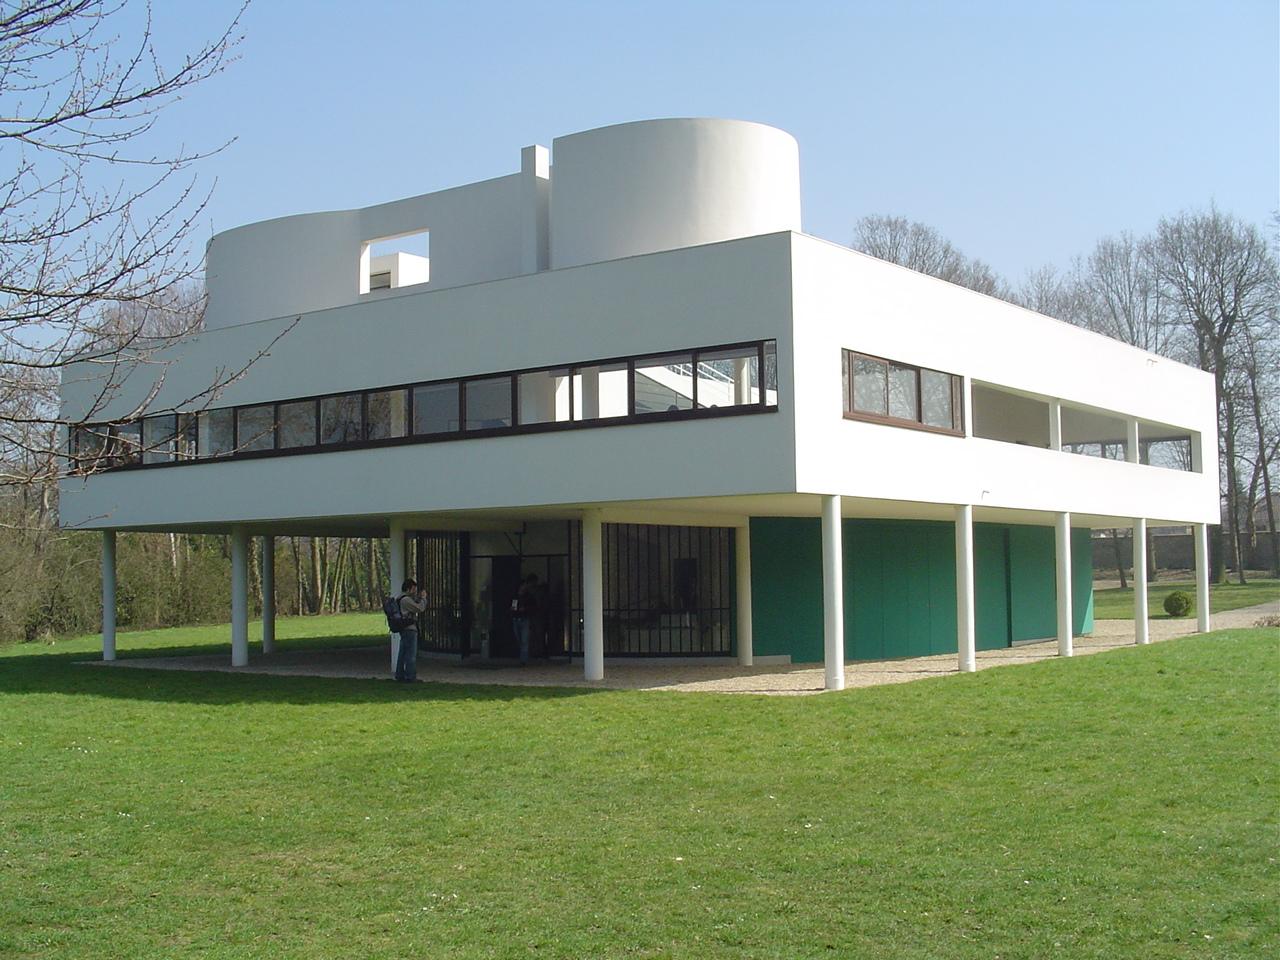 Arquitetura moderna do século 21!